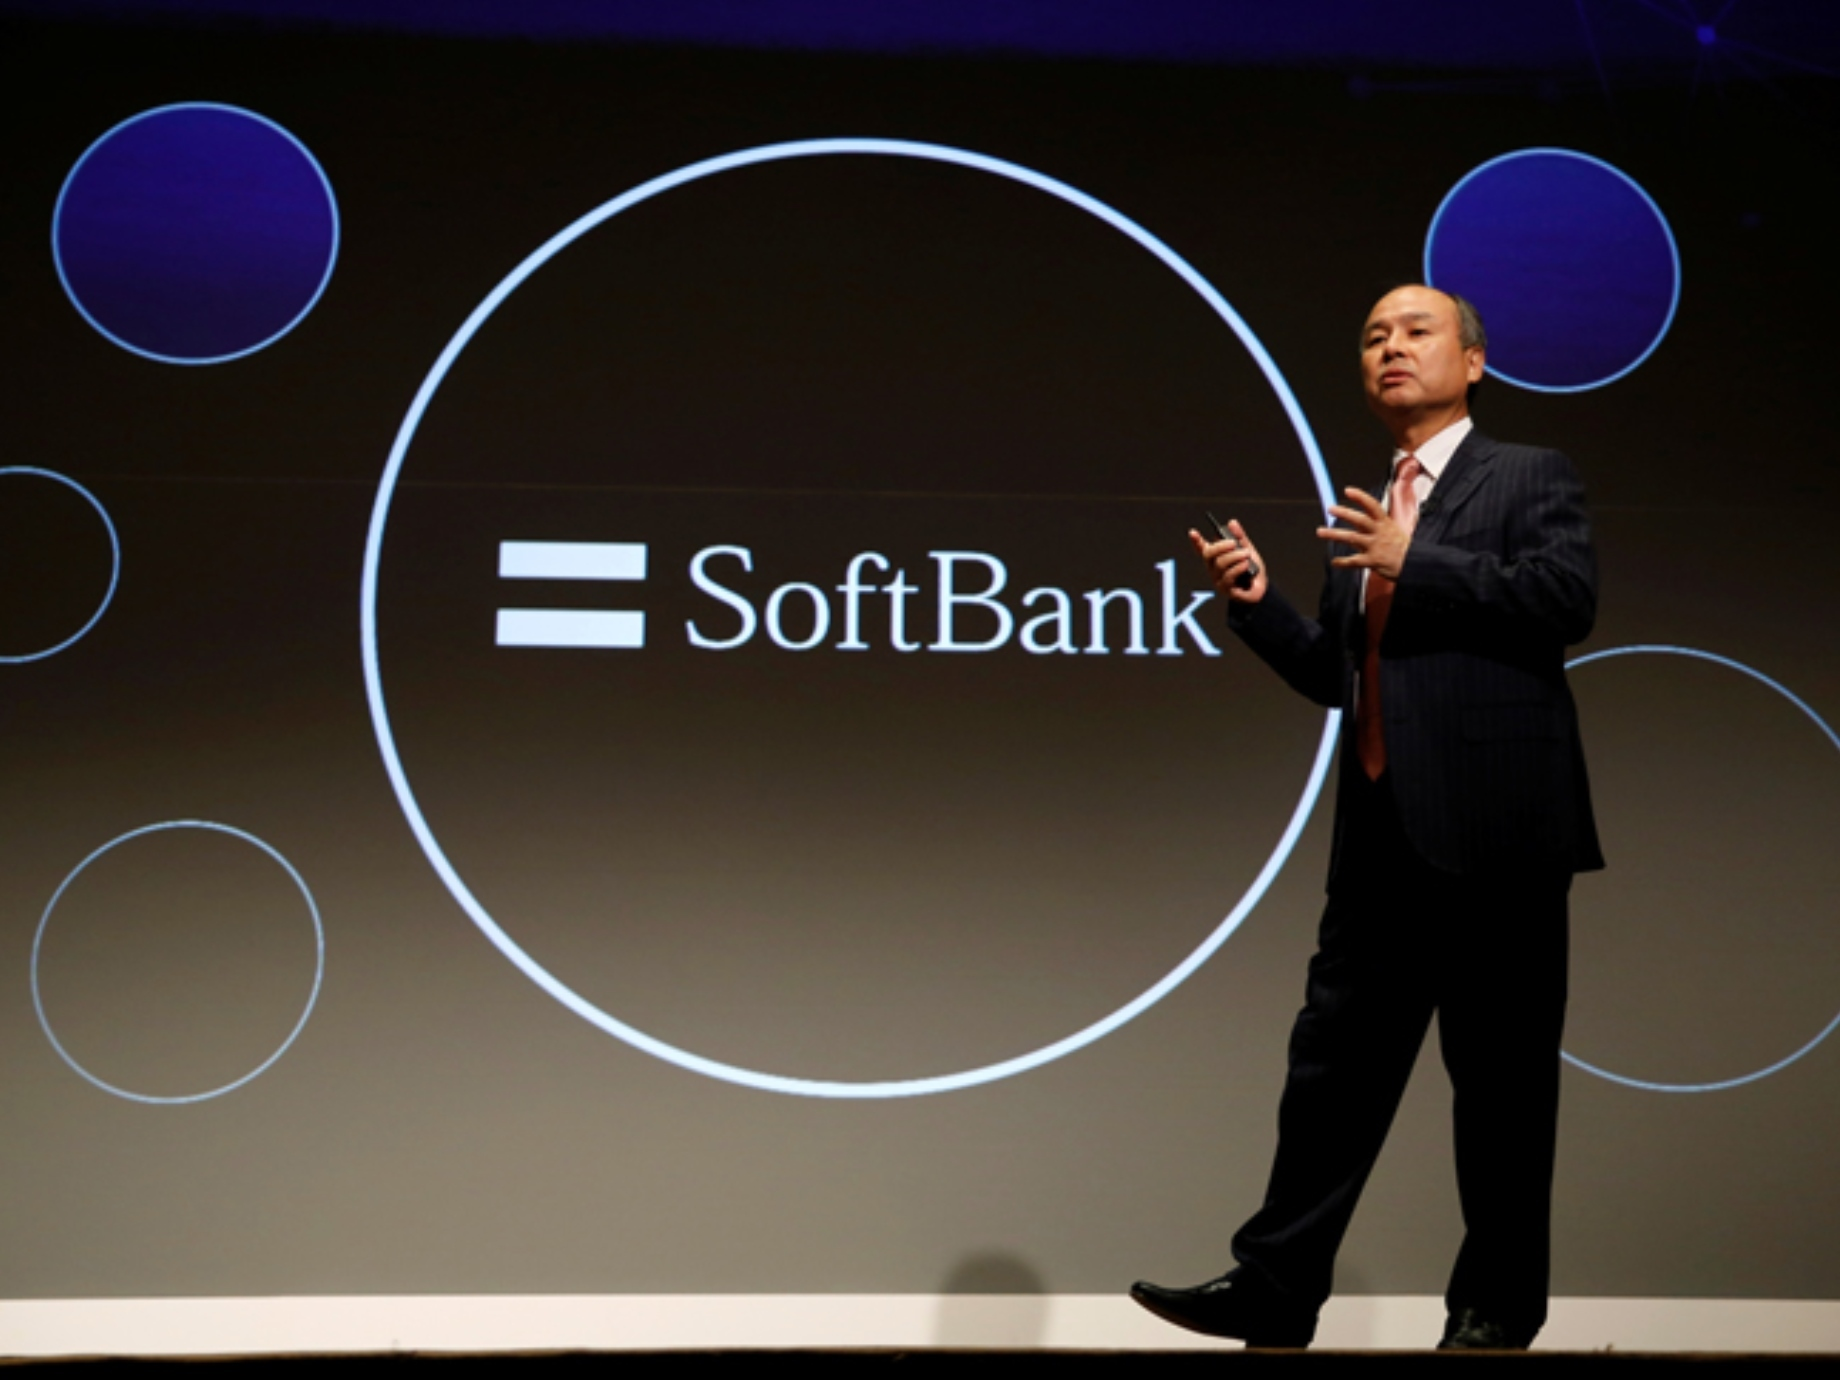 瞄準未來科技趨勢!軟銀3大投資案專注「大數據、AI、自動化」